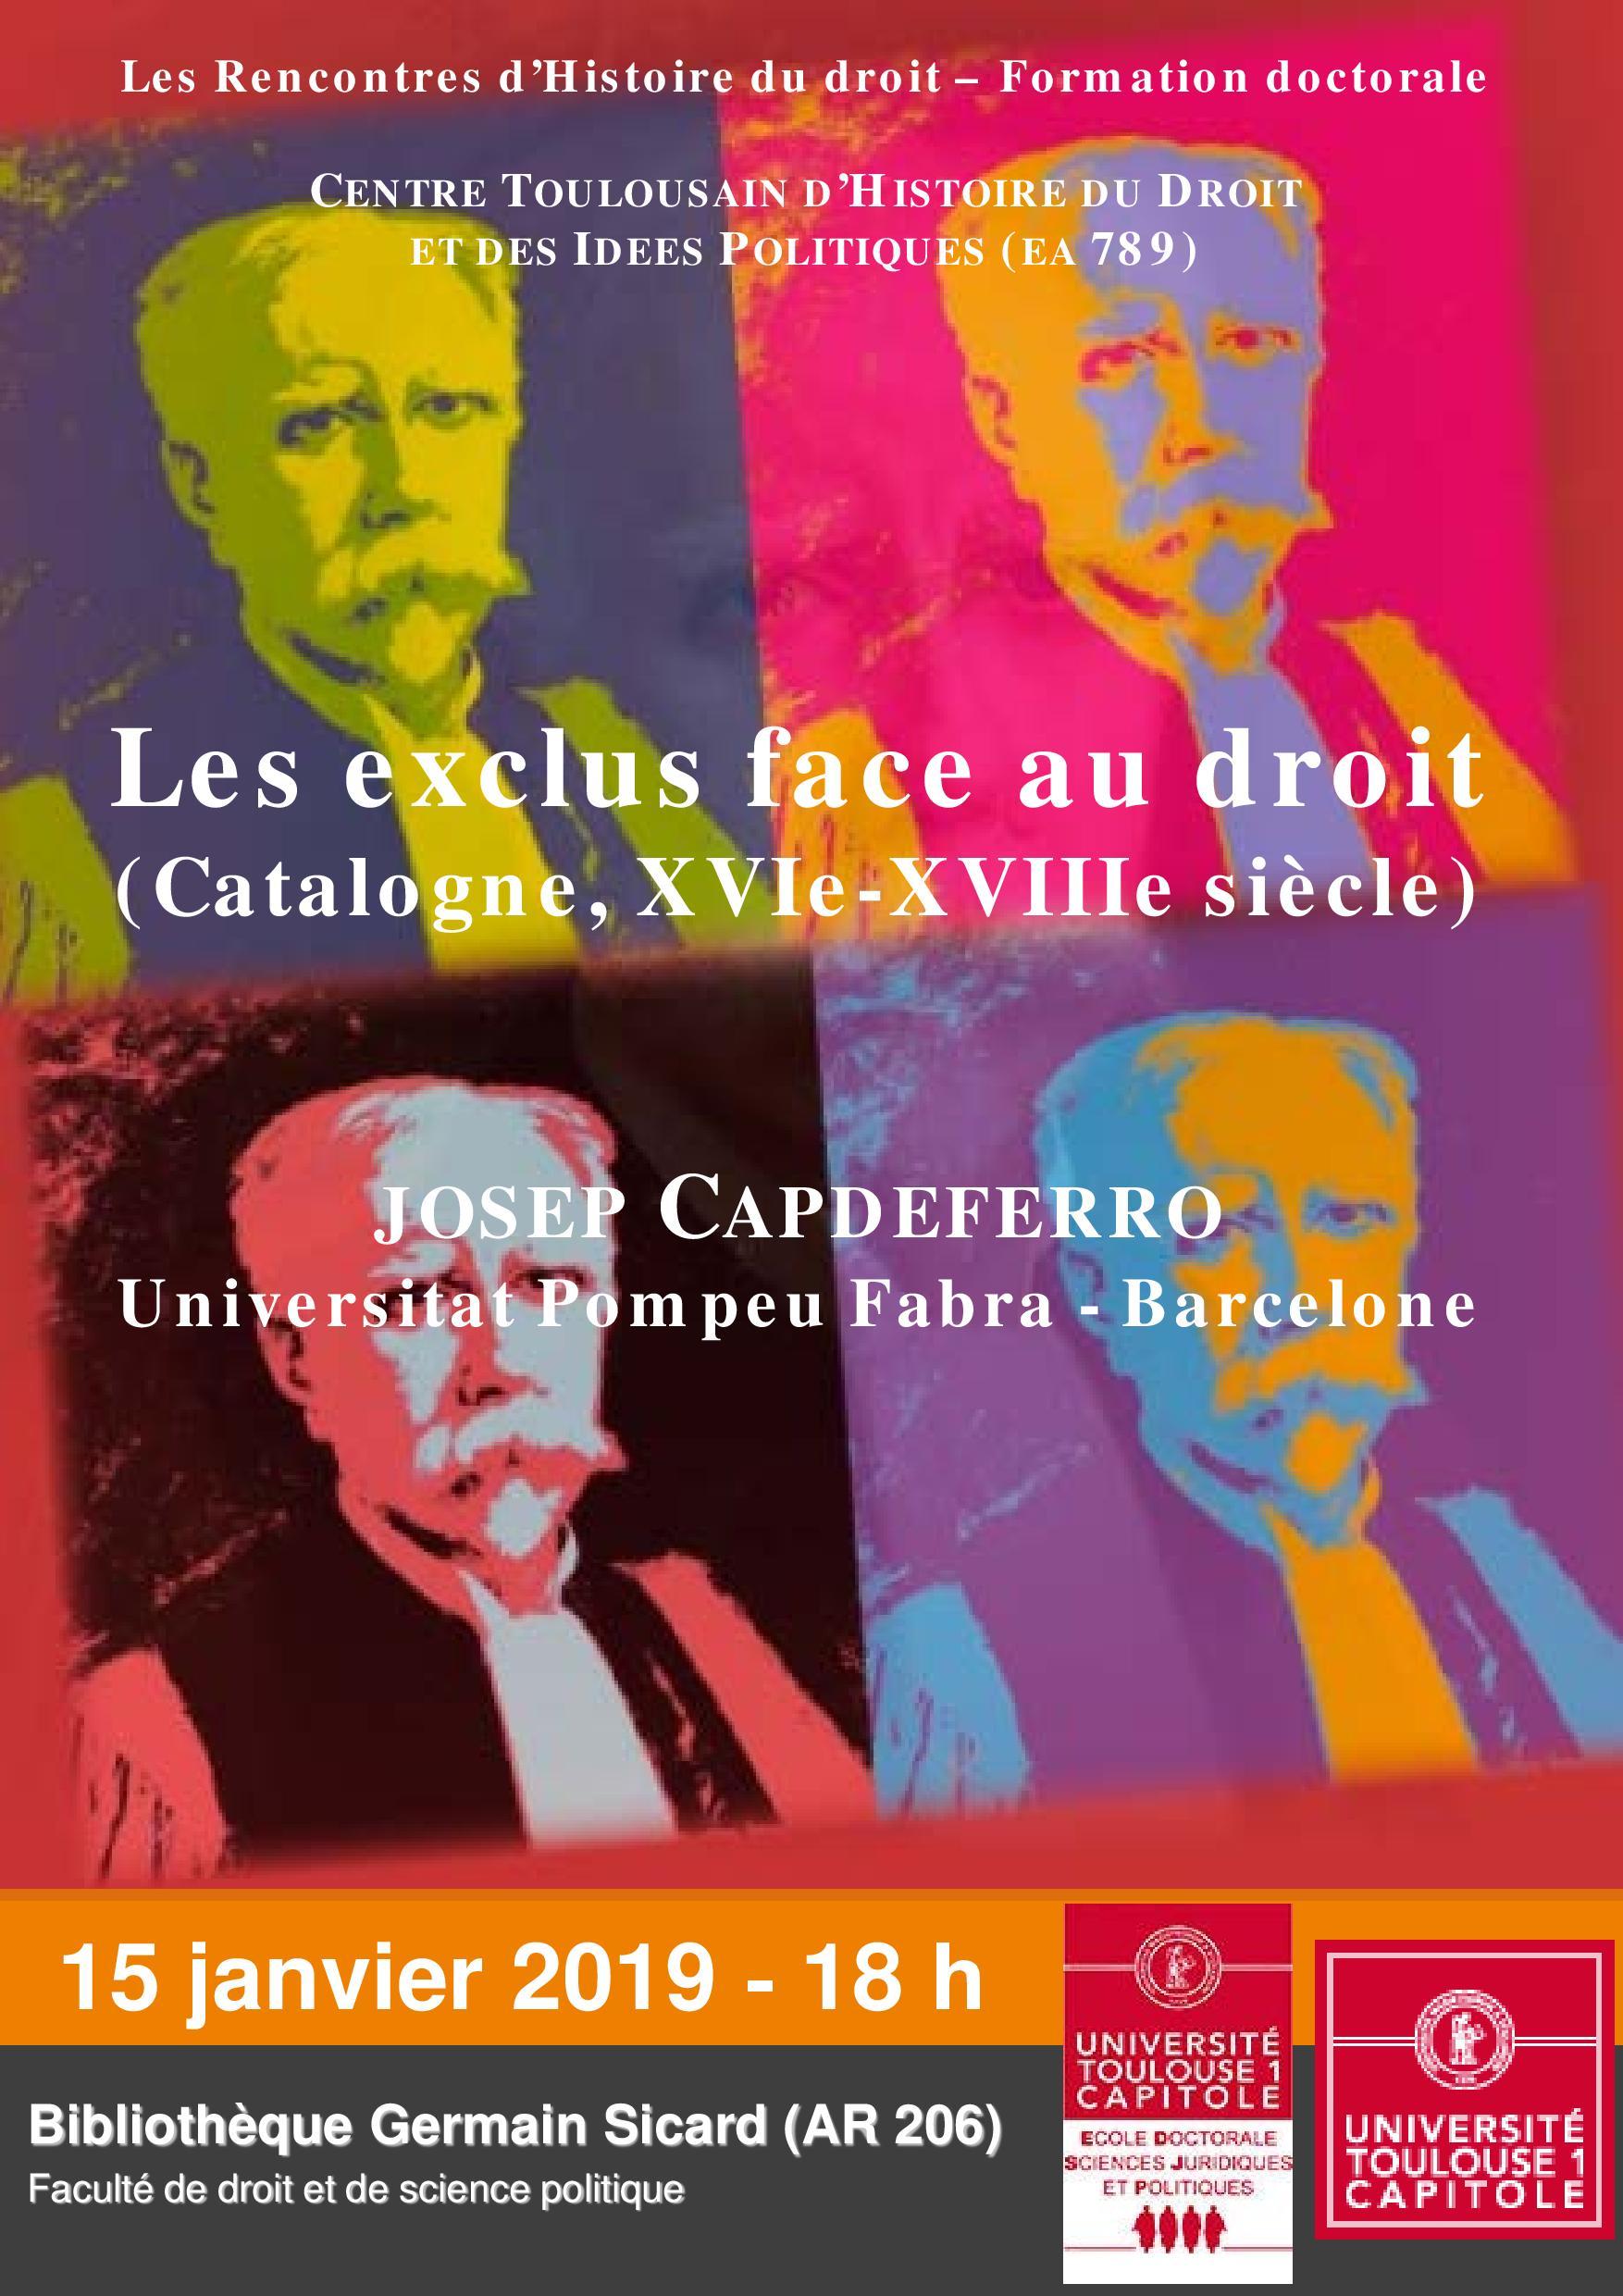 Affiche Capdeferro.jpg